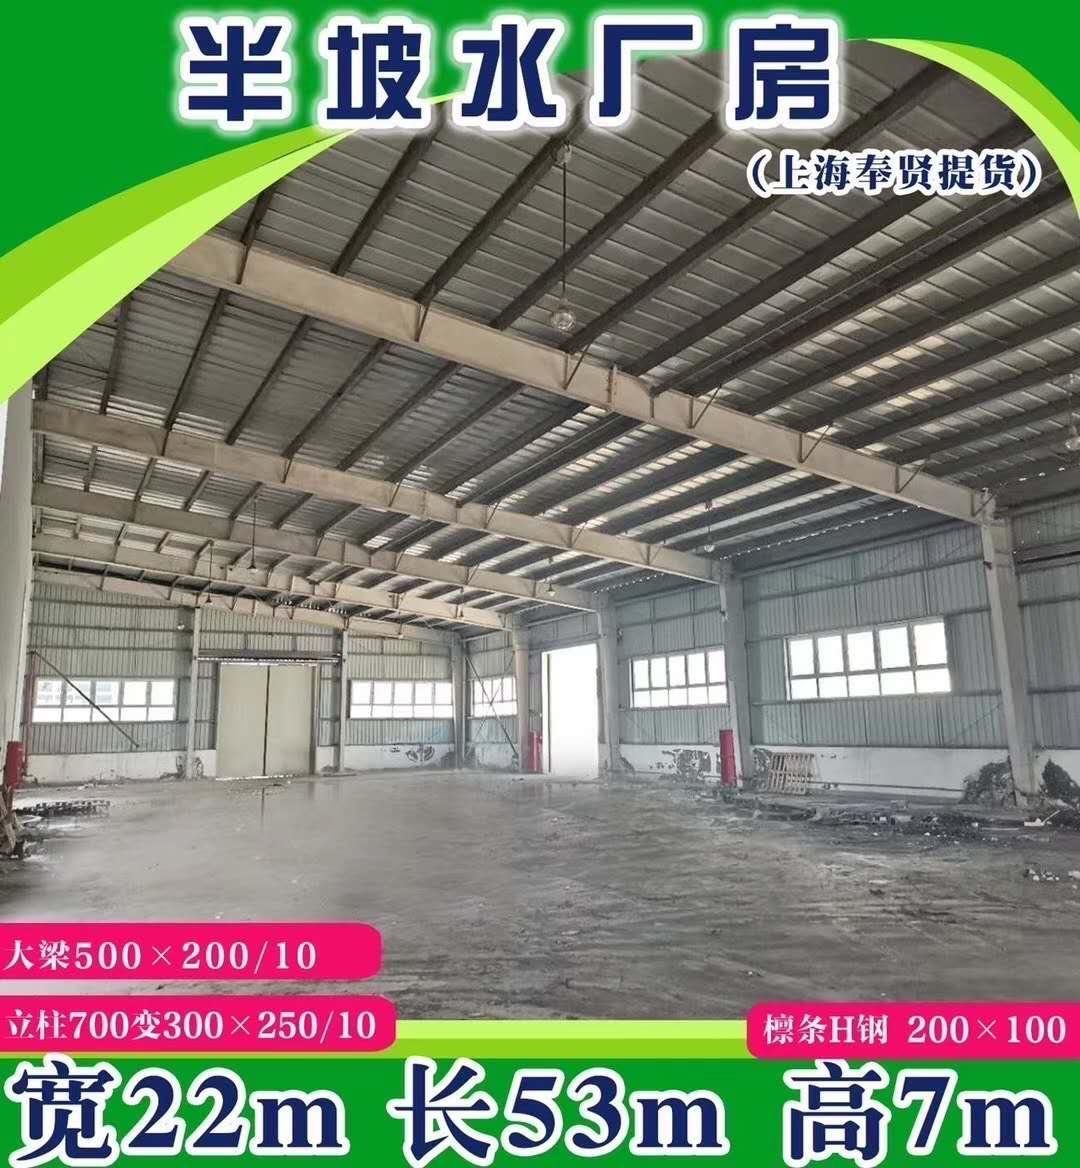 石家庄出售钢结构厂房宽22米 长53米 高7米